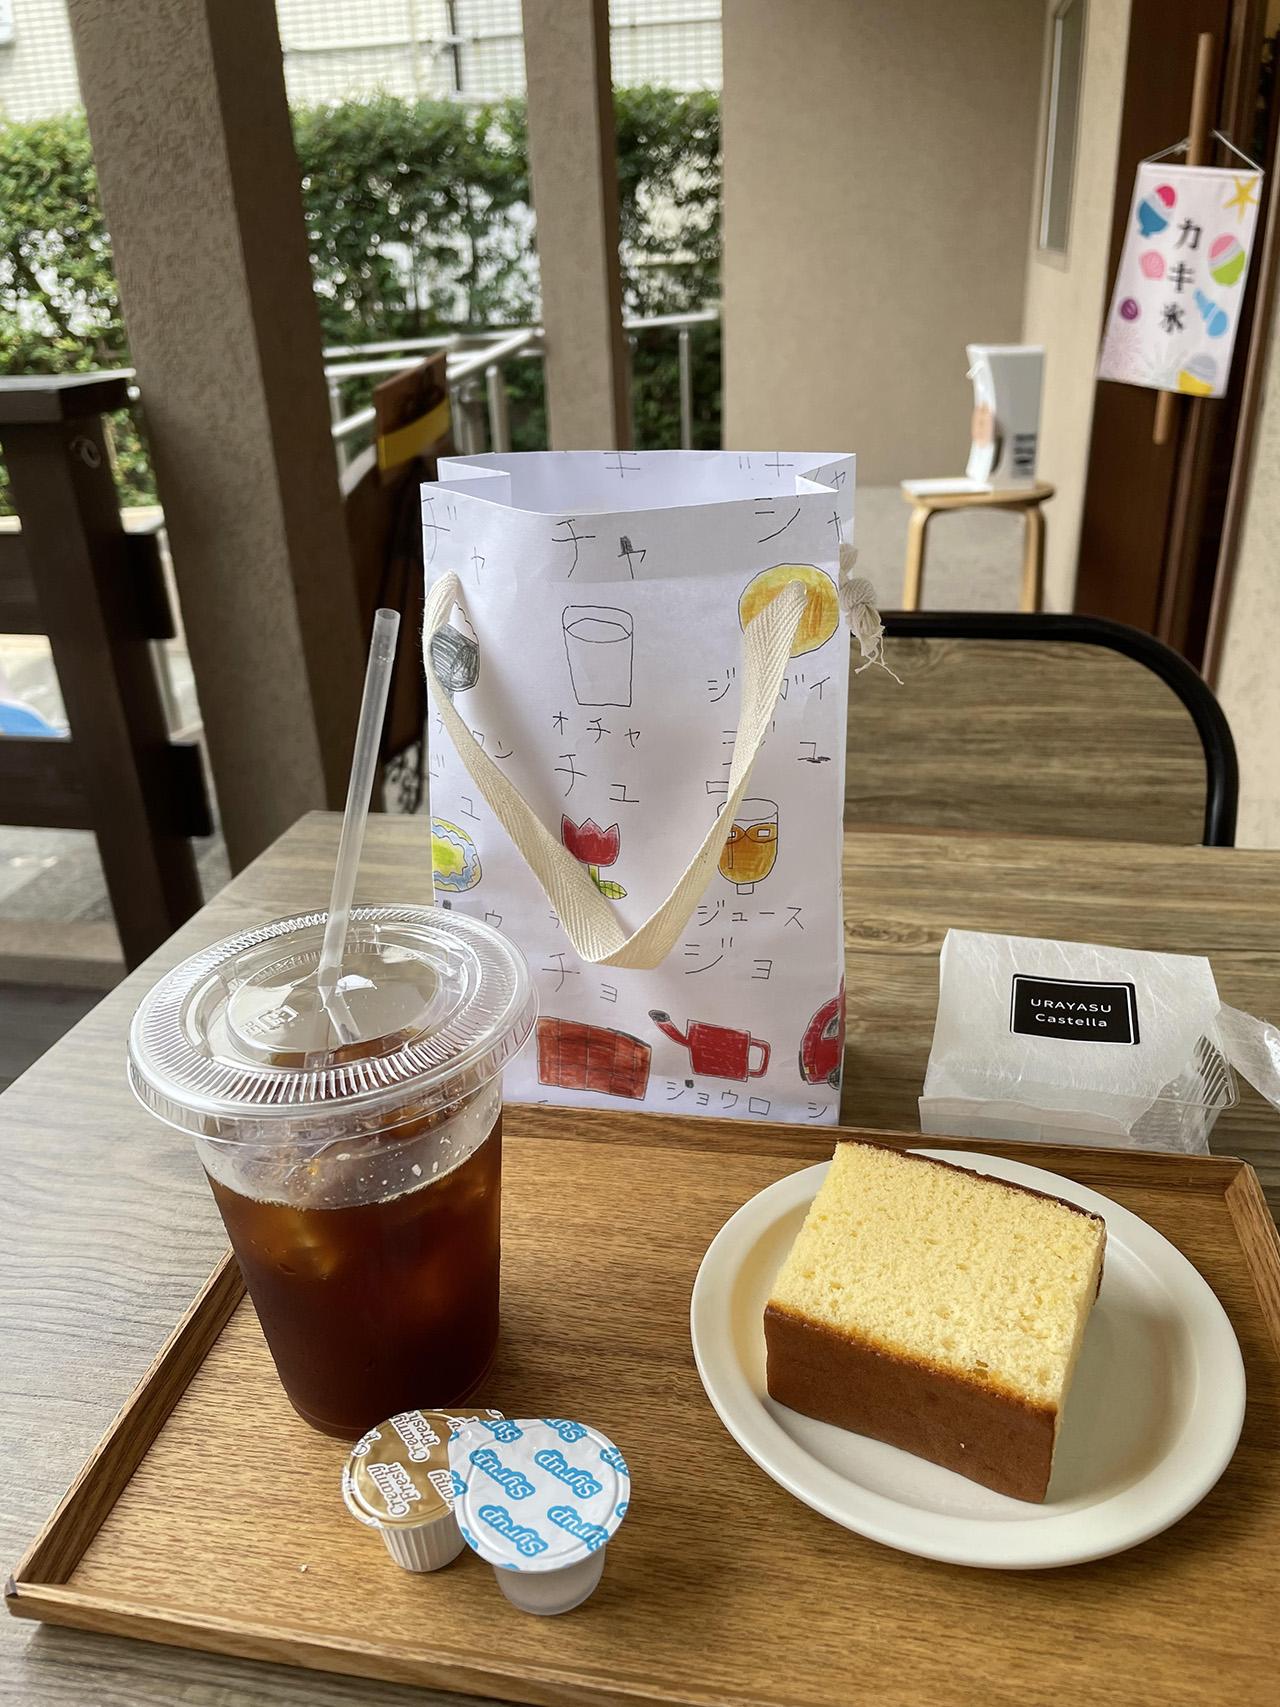 スペシャリテコーヒーと浦安カステラの写真